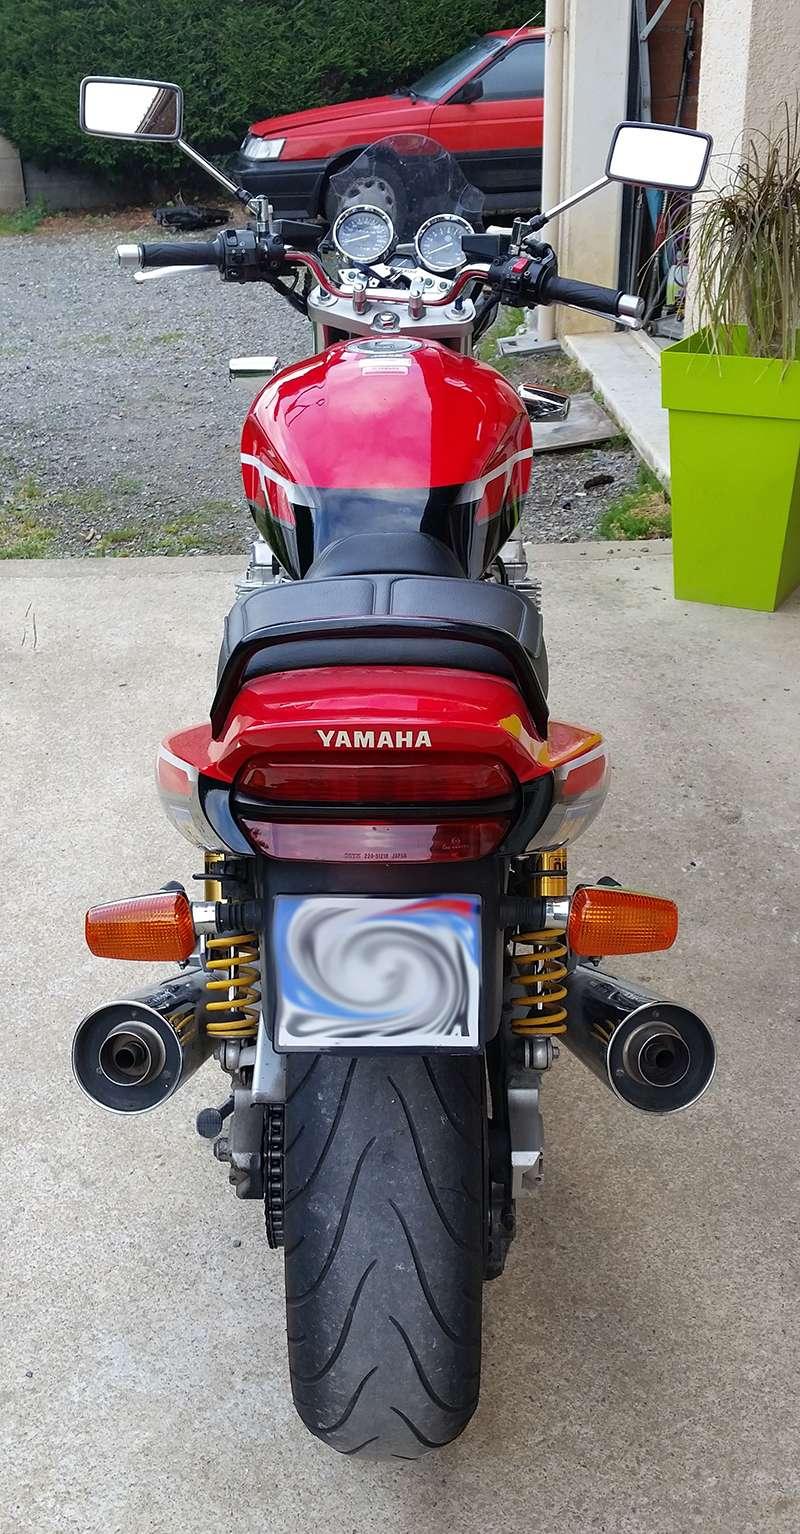 Mon XJR 1300 SP Rouge ! (le rouge ça va plus vite^^) Arrier10